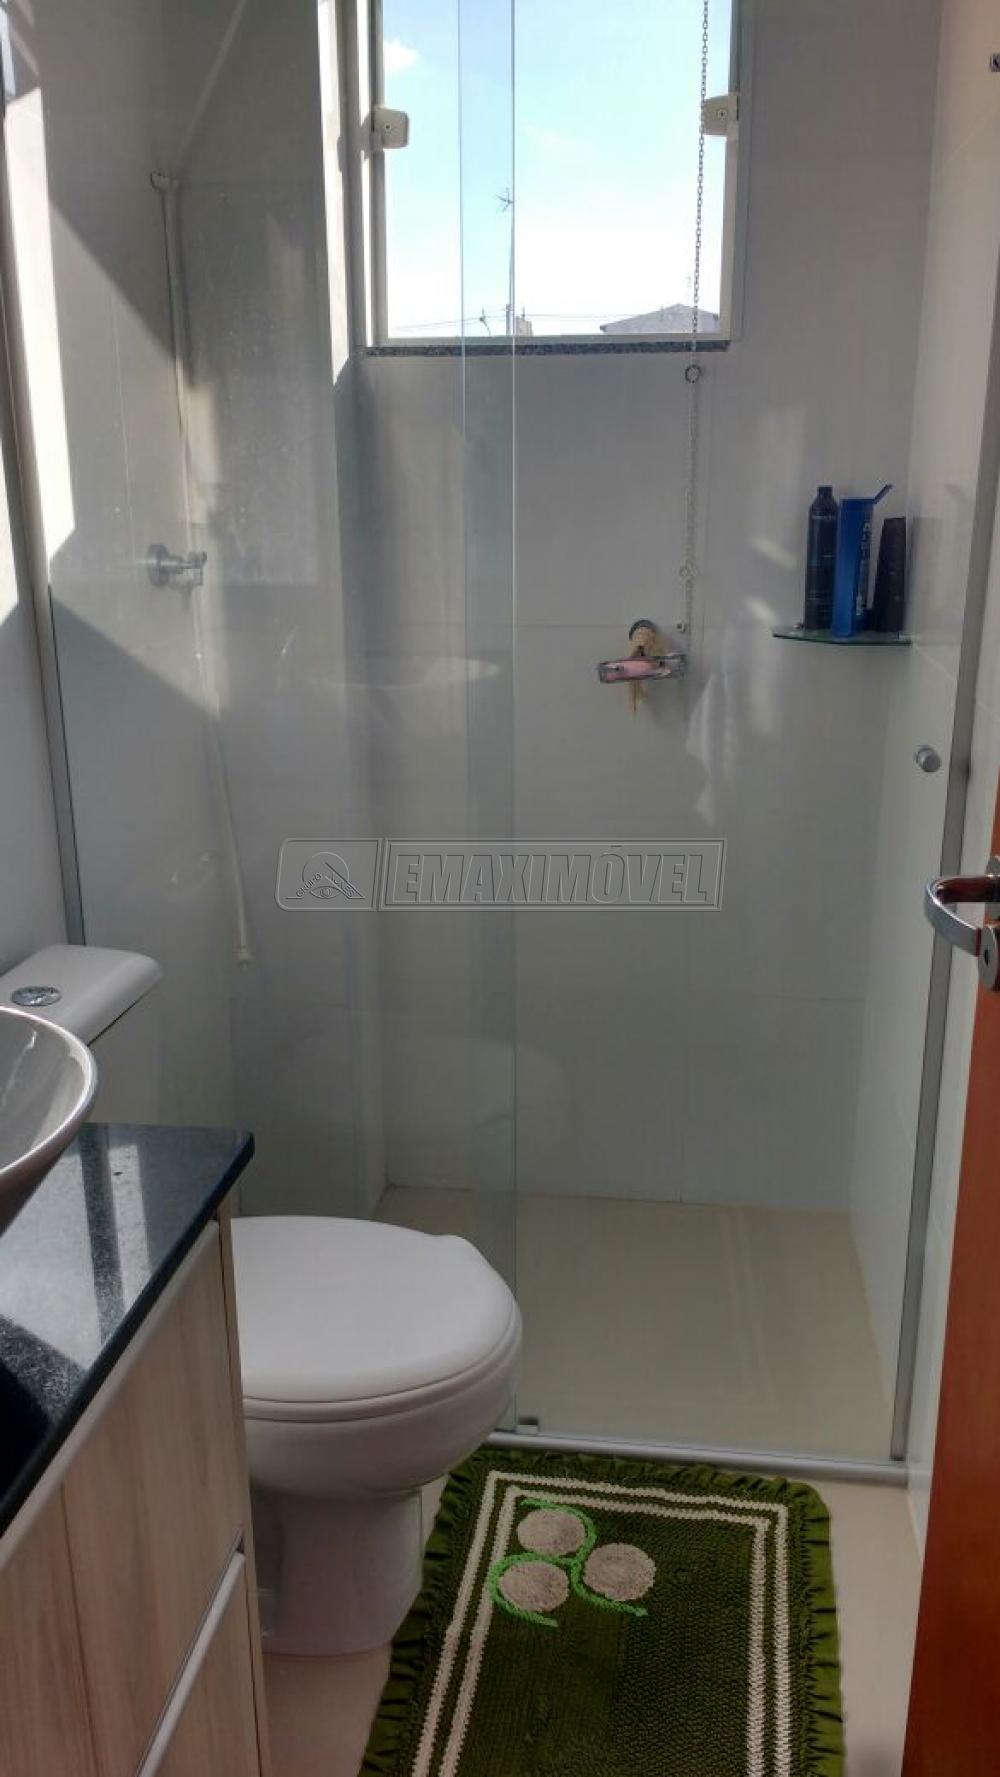 Comprar Apartamentos / Apto Padrão em Sorocaba apenas R$ 370.000,00 - Foto 16